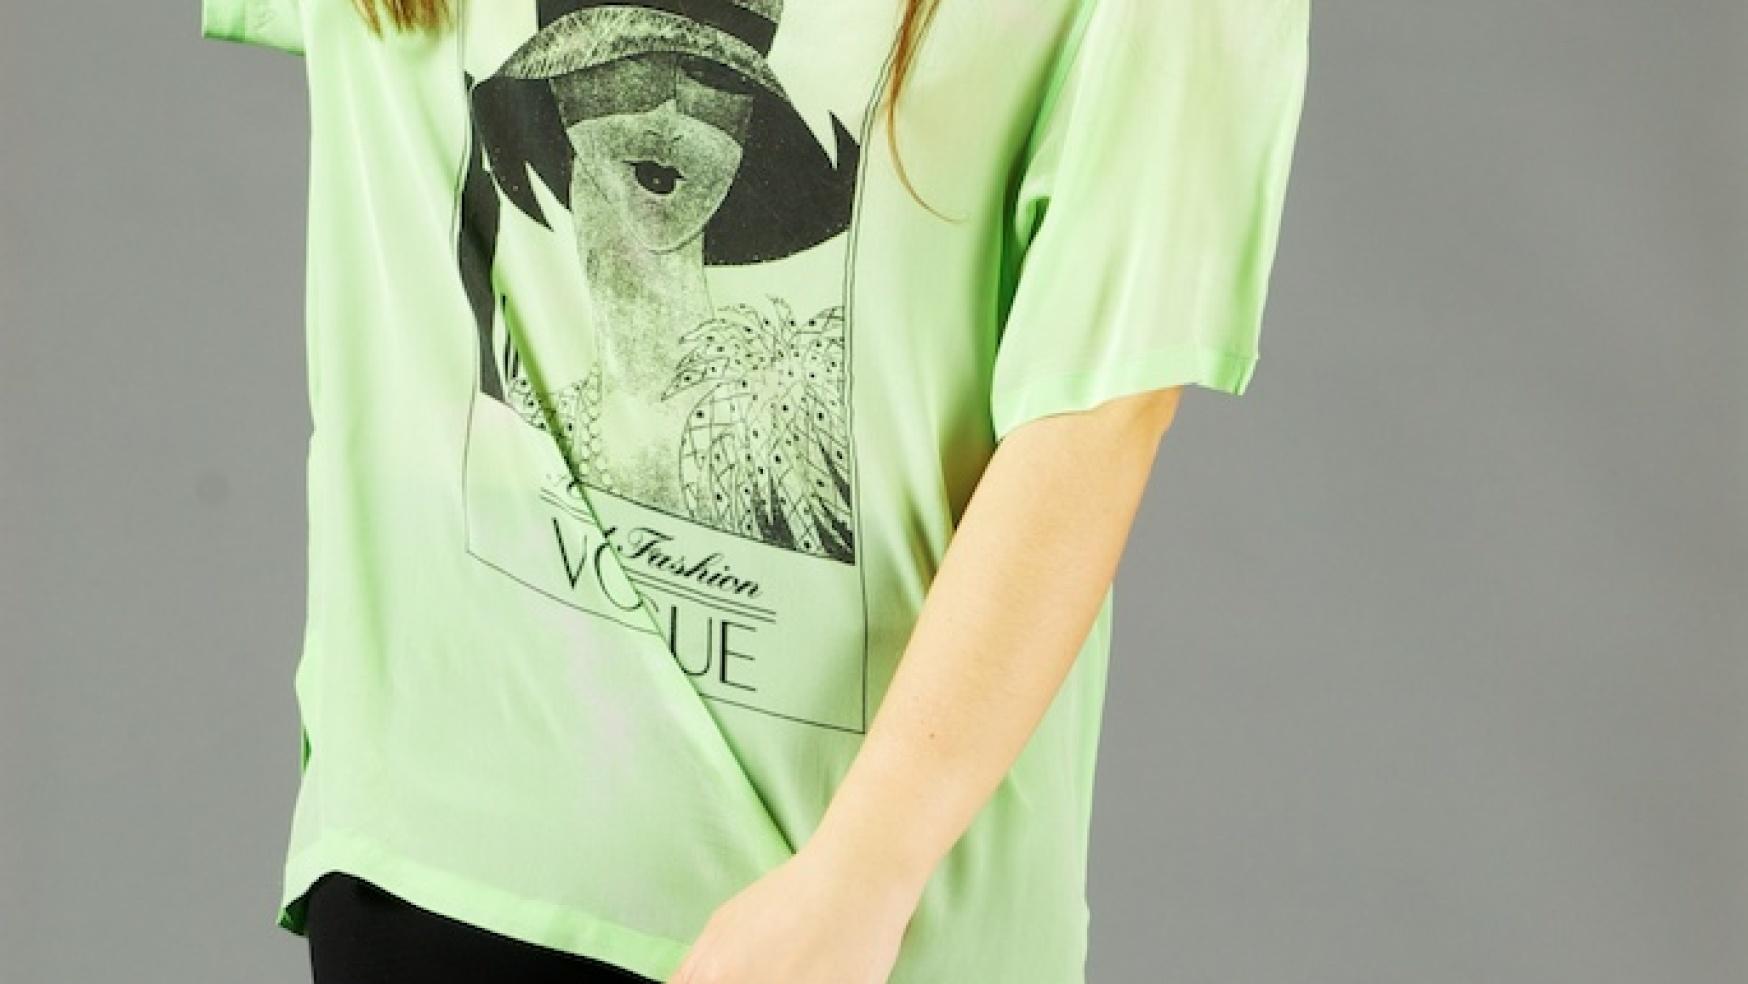 Vintage Vogue T-shirt